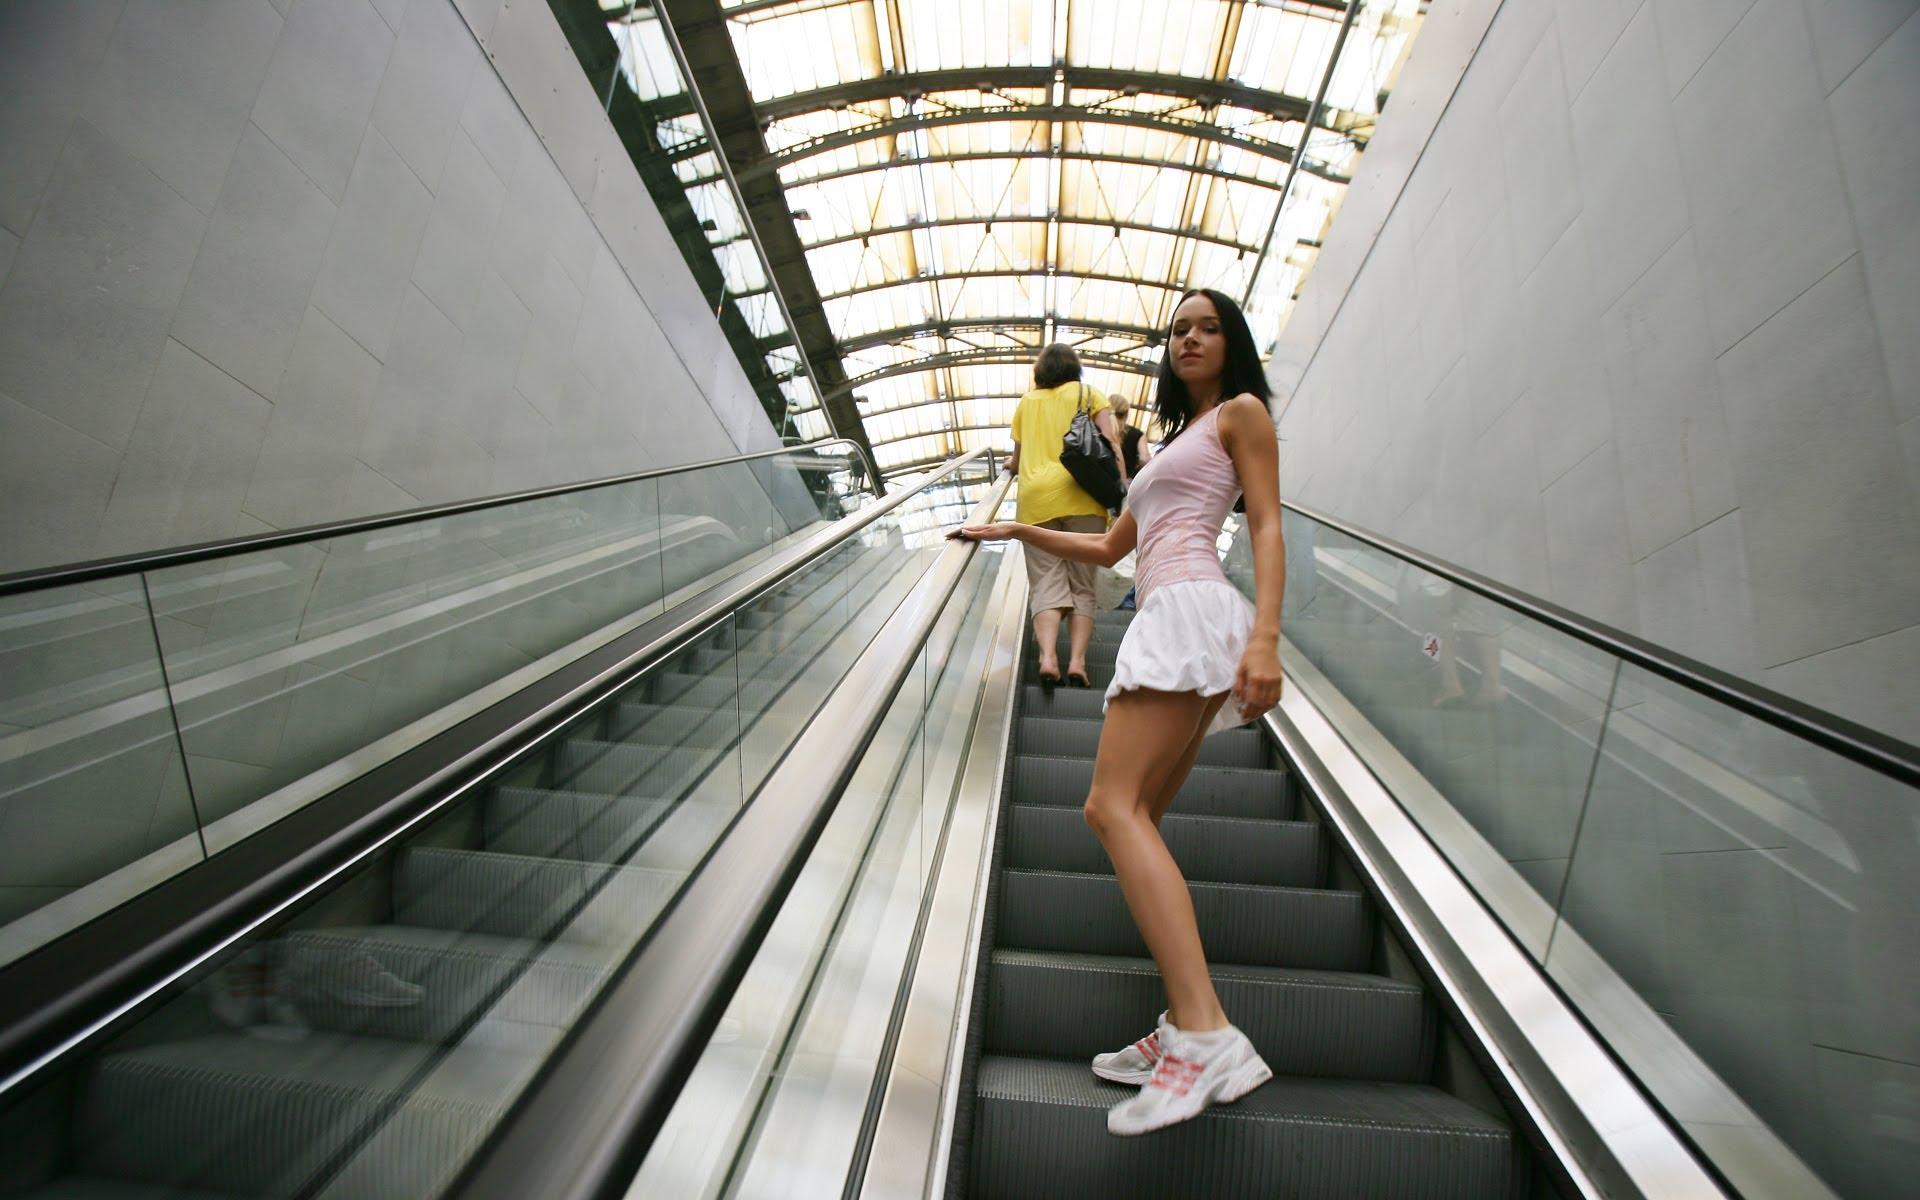 ролики задирают юбки на эскалаторе метро нашем